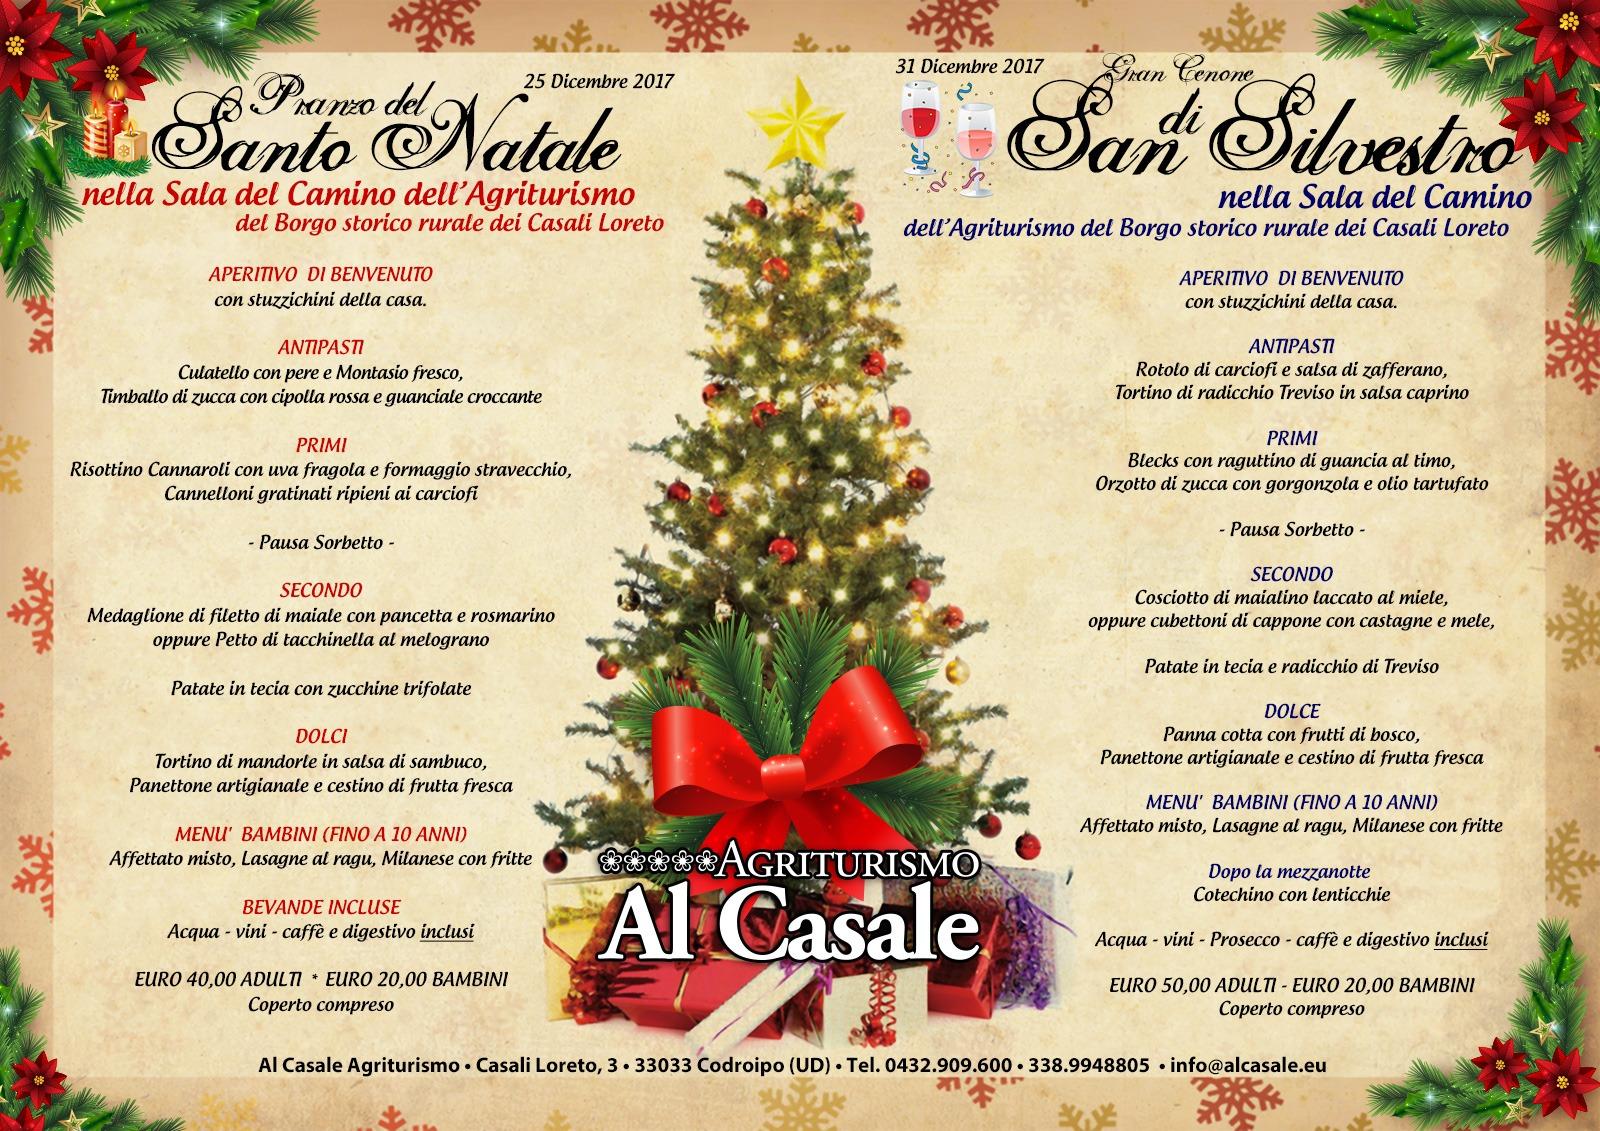 Menu Cenone Vigilia Di Natale.Pranzo Di Natale 2017 E Cenone Di San Silvestro Capodanno In Agriturismo A Codroipo Agriturismo Al Casale